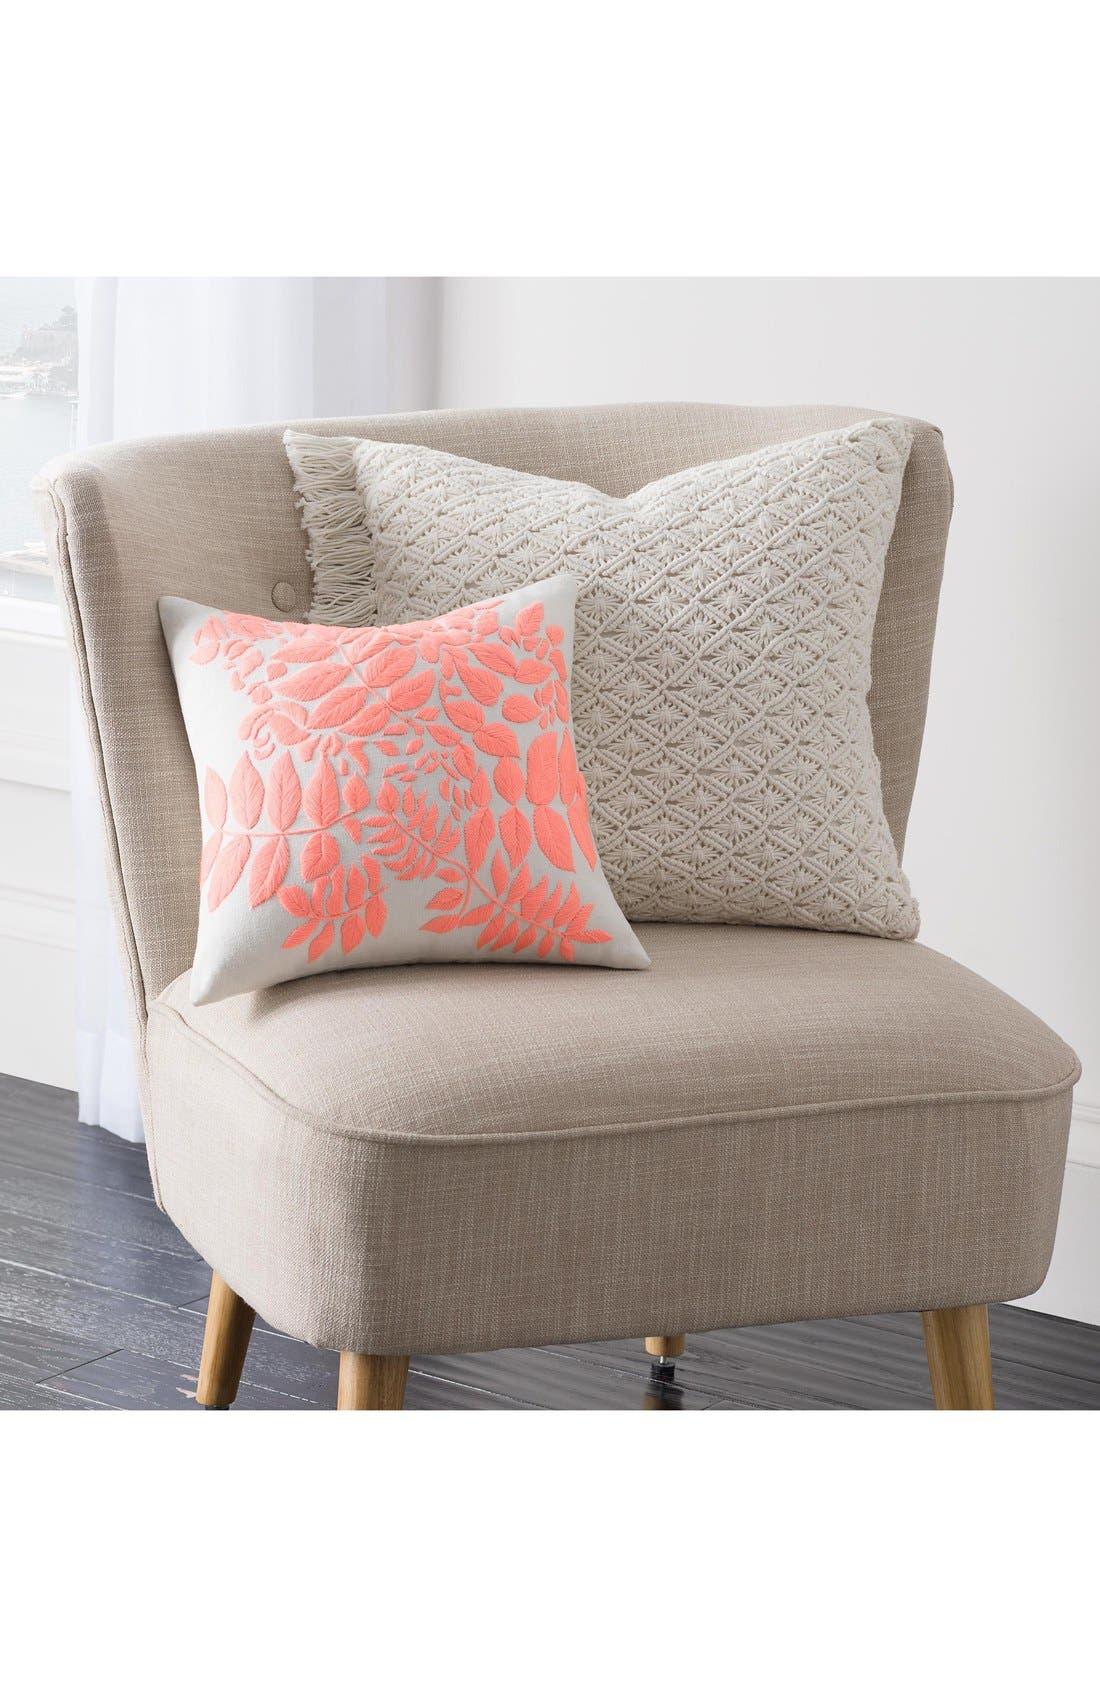 'Lace Medallion' Crochet Pillow,                             Alternate thumbnail 3, color,